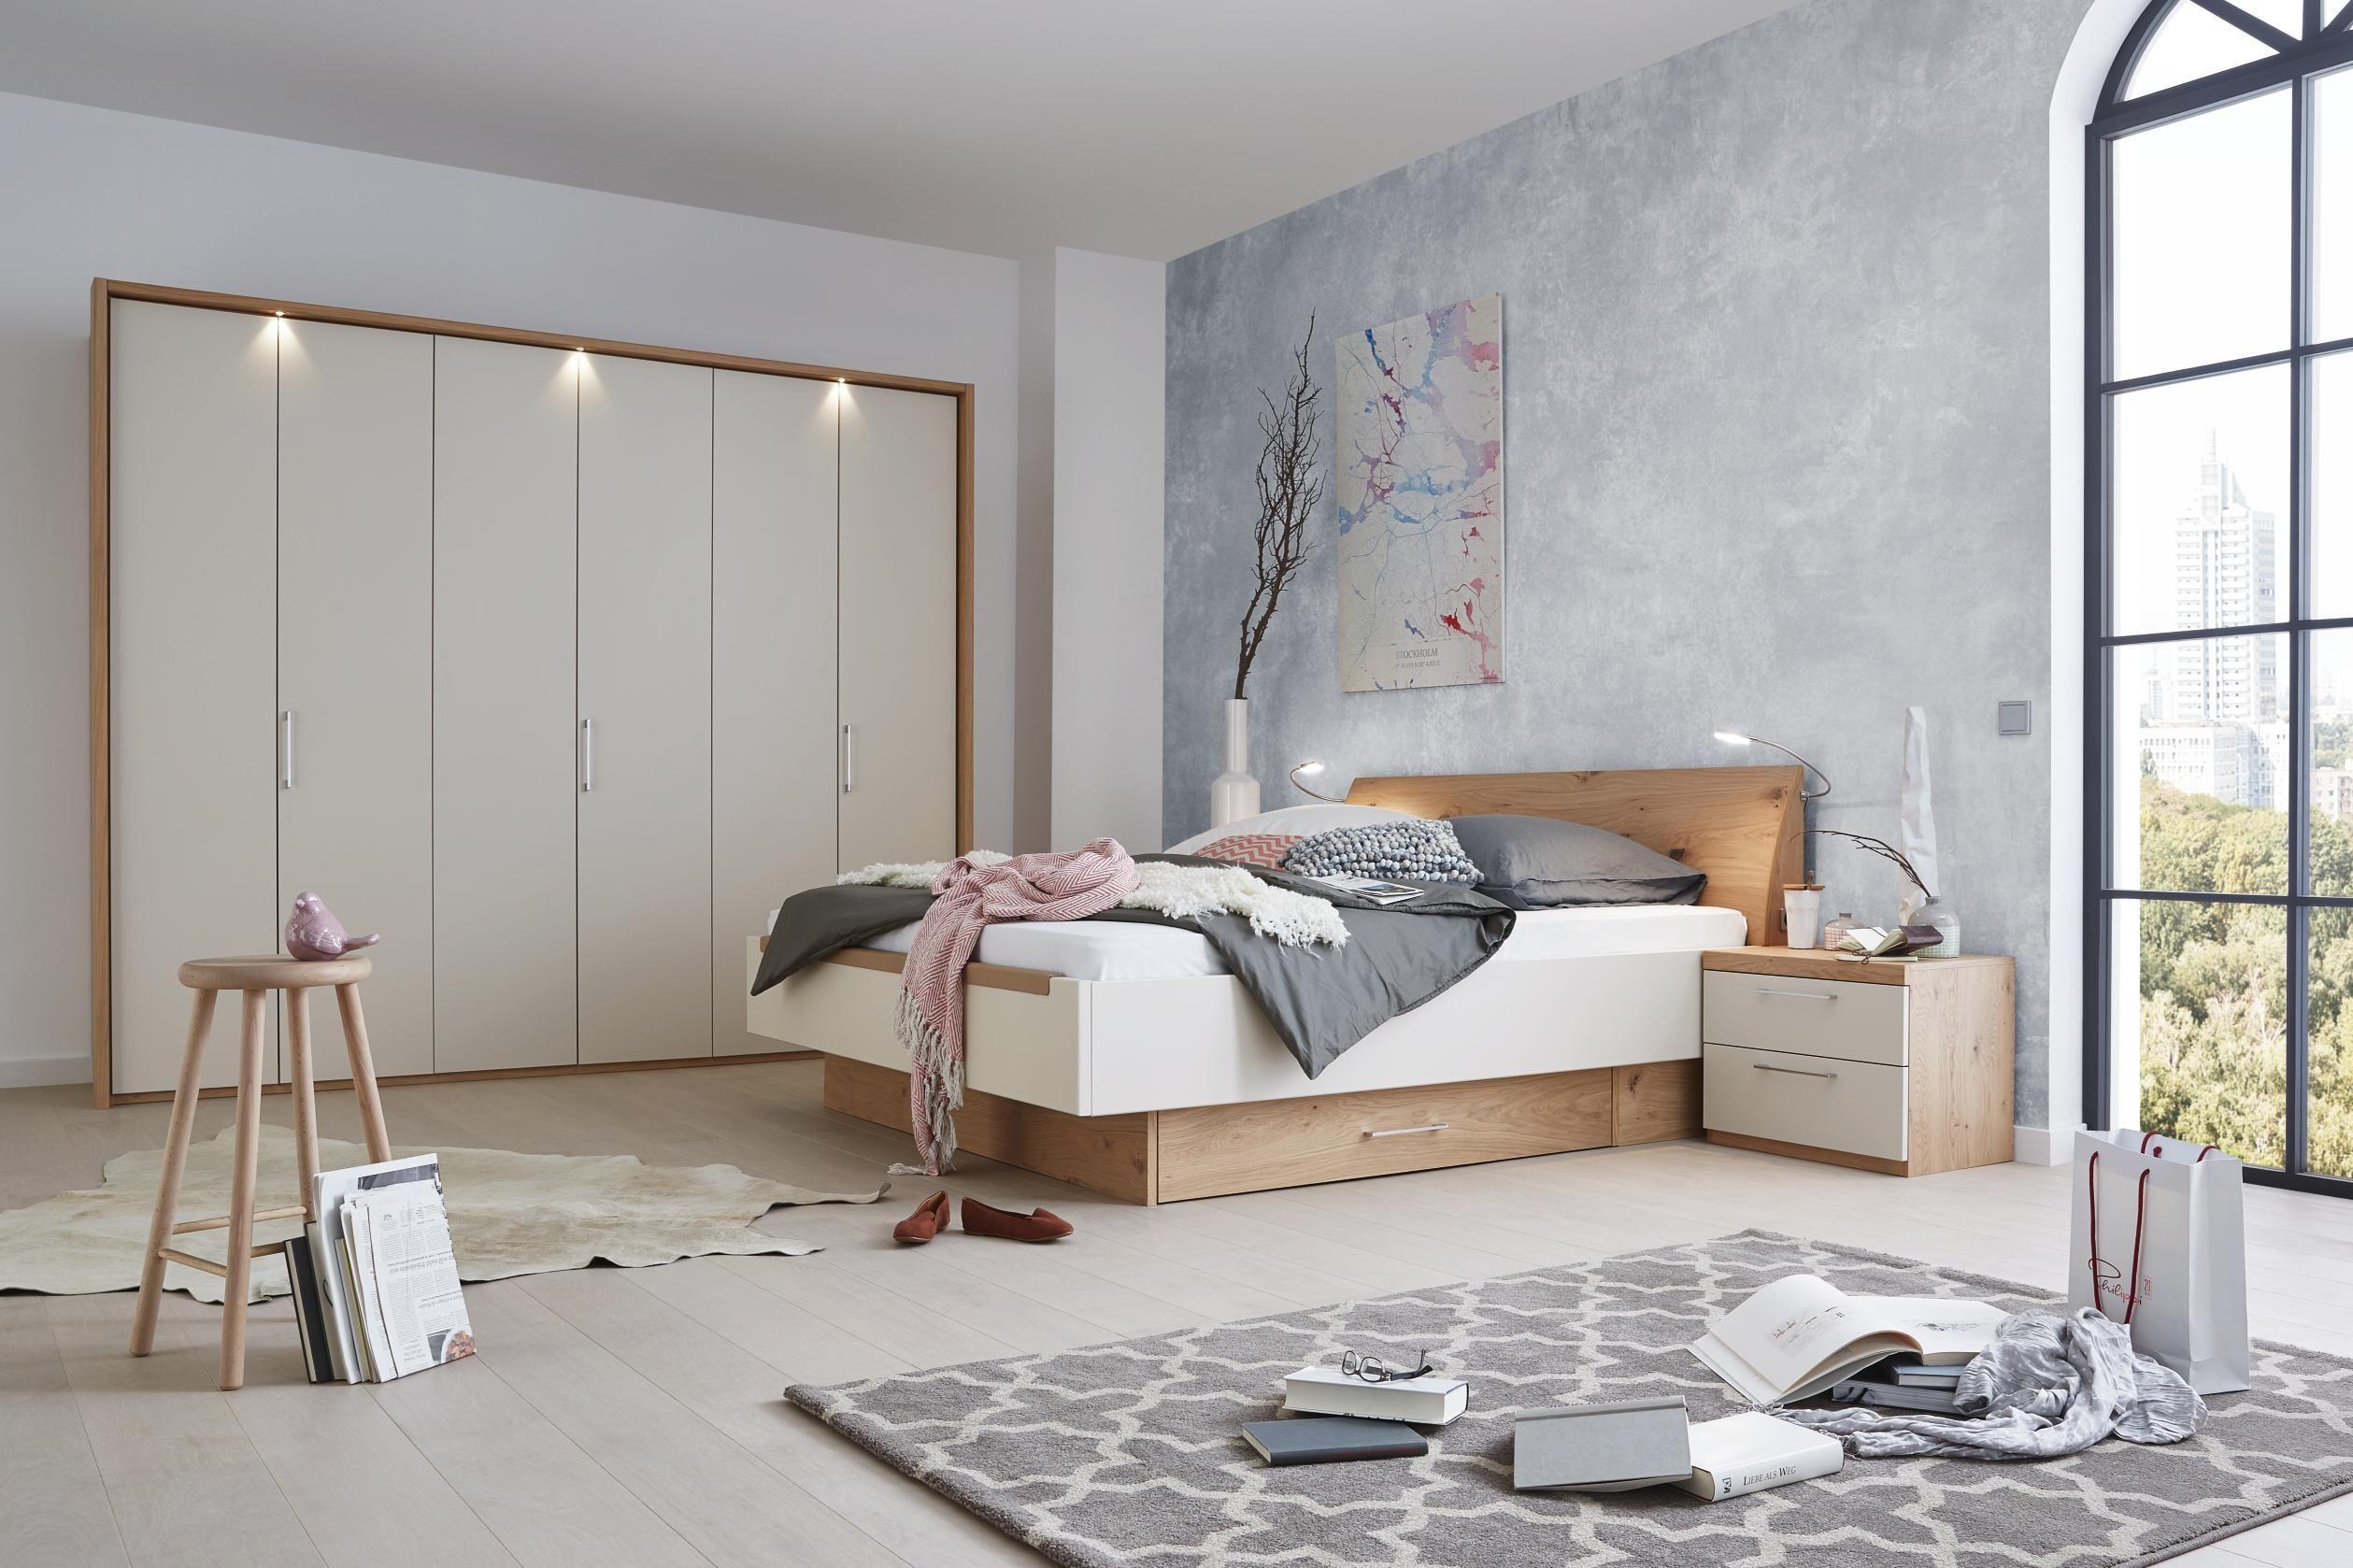 schlafzimmer in eichefarben sandfarben schlafzimmer schlafzimmer schlafzimmer set und tr ume. Black Bedroom Furniture Sets. Home Design Ideas